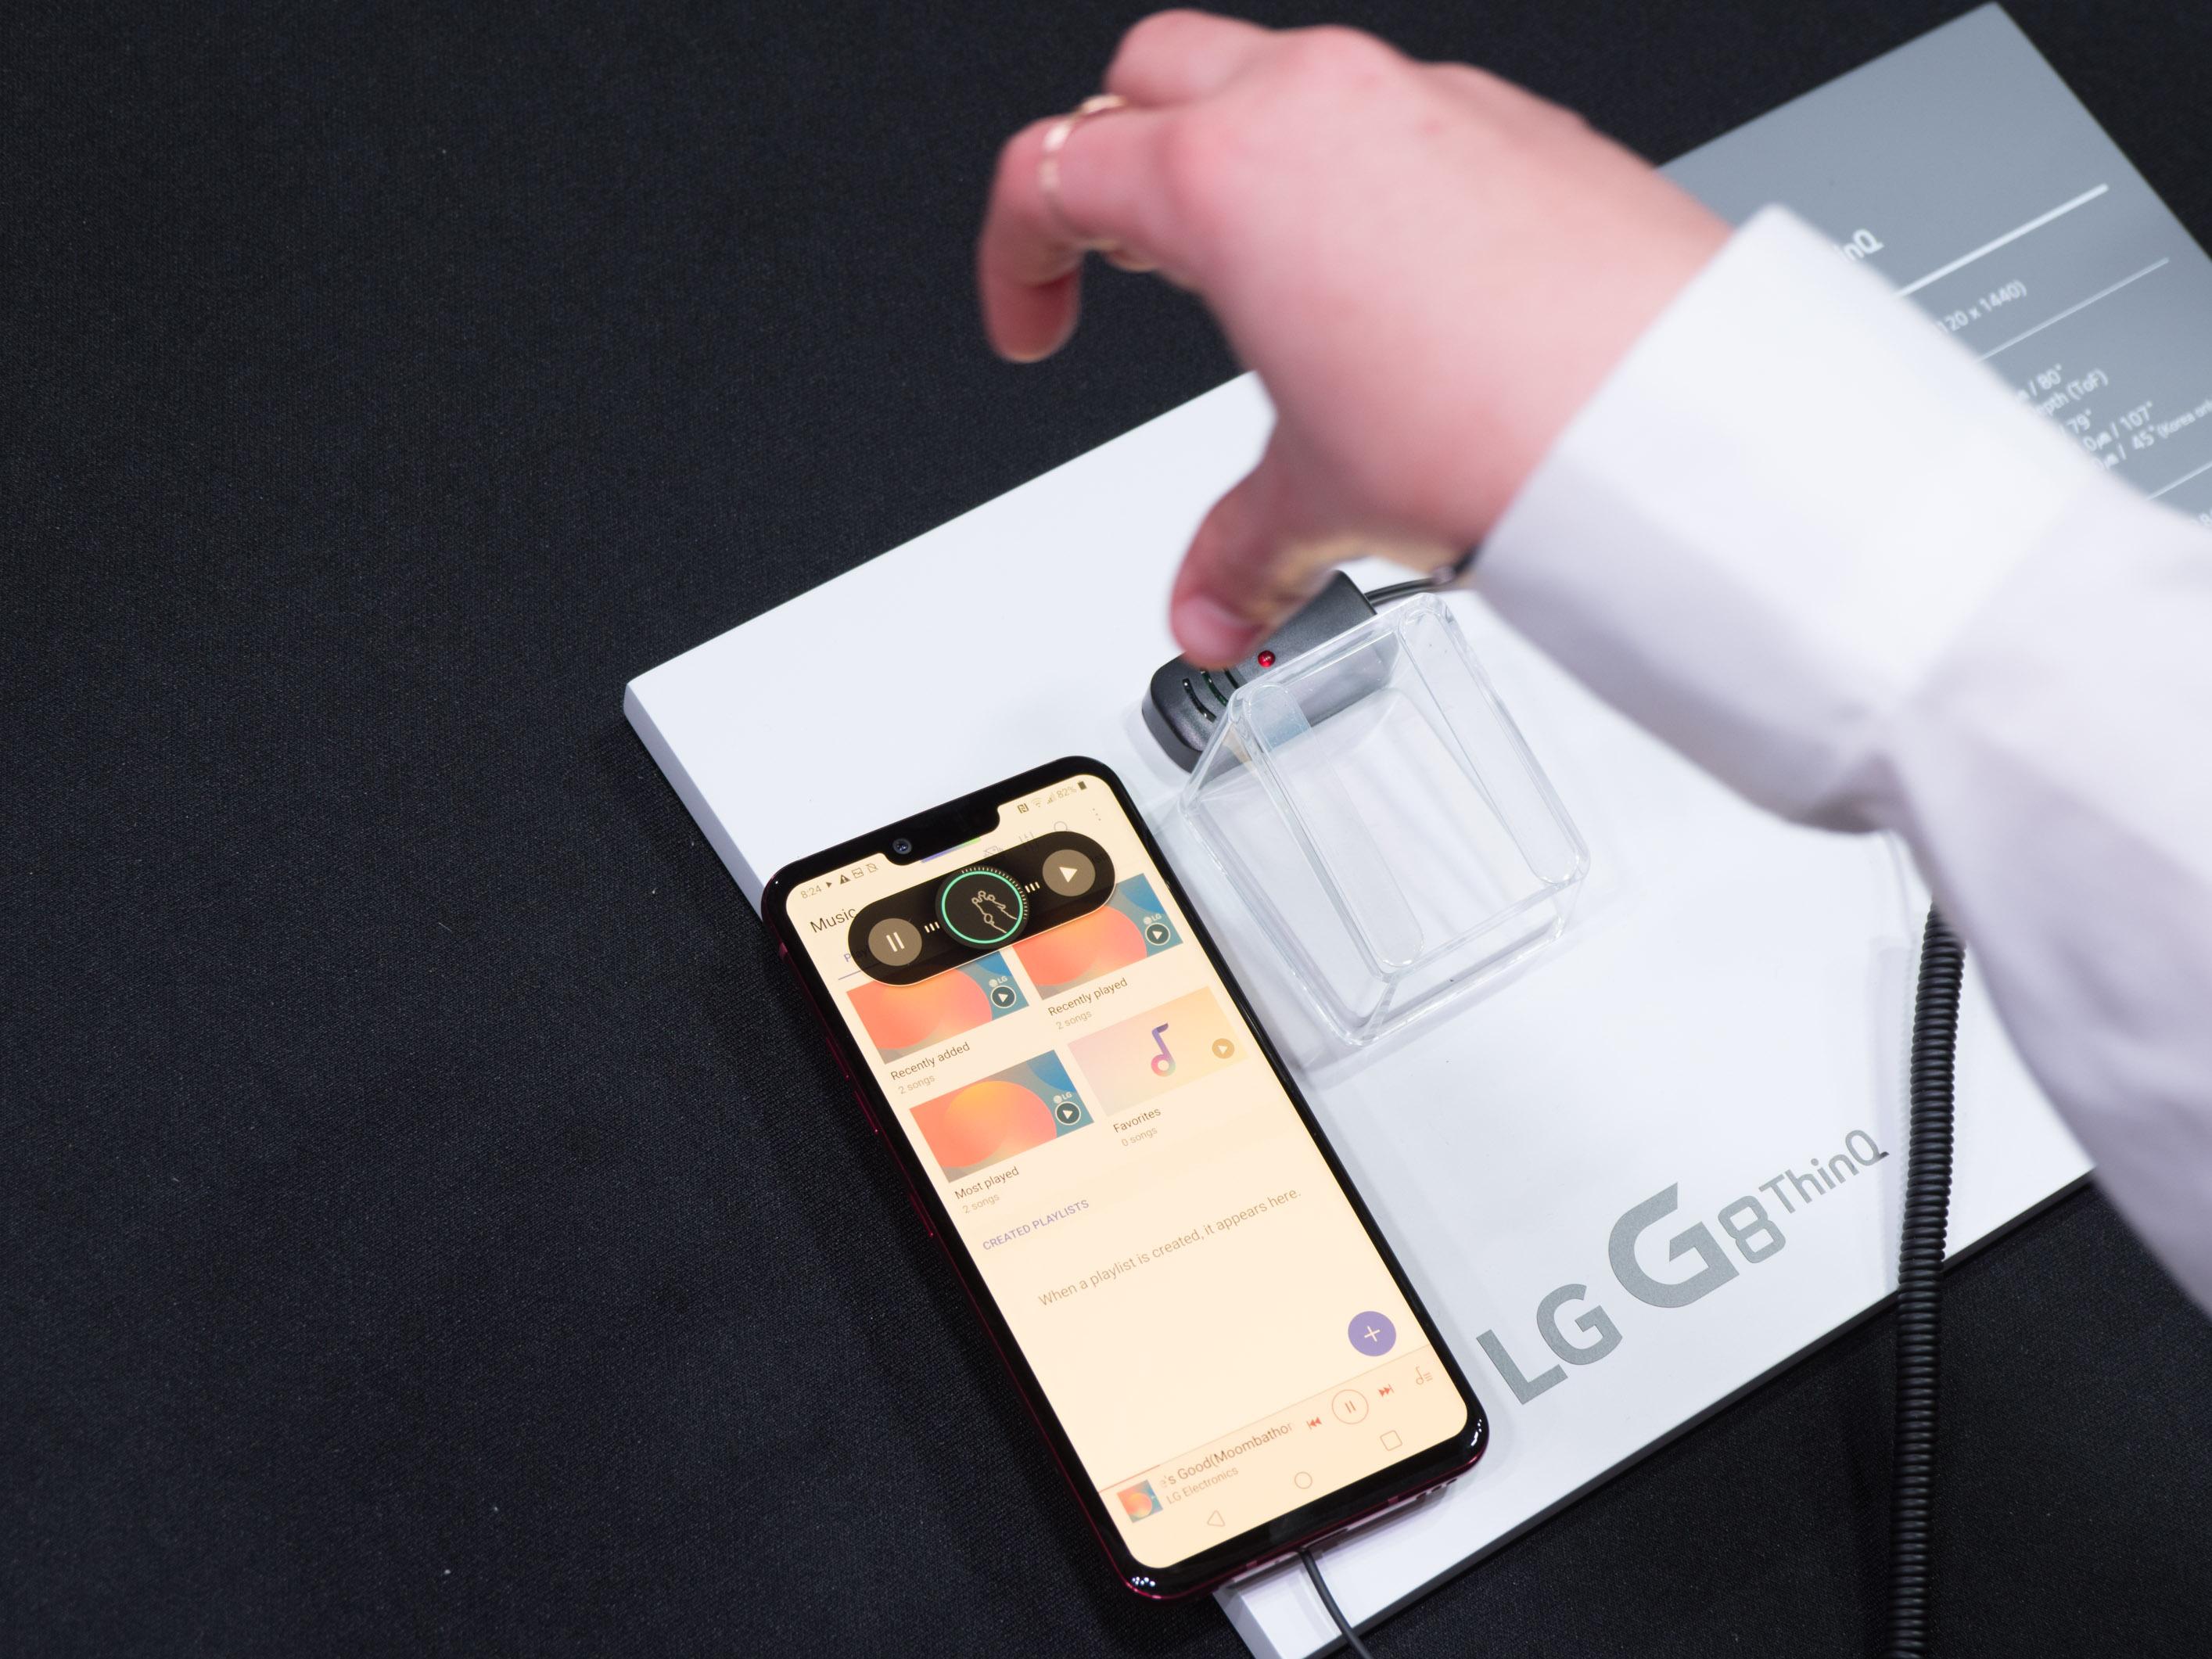 G8 Thinq im Hands on: LG zeigt Luftgestensteuerung fürs Smartphone - LG G8 Thinq (Bild: Martin Wolf/Golem.de)